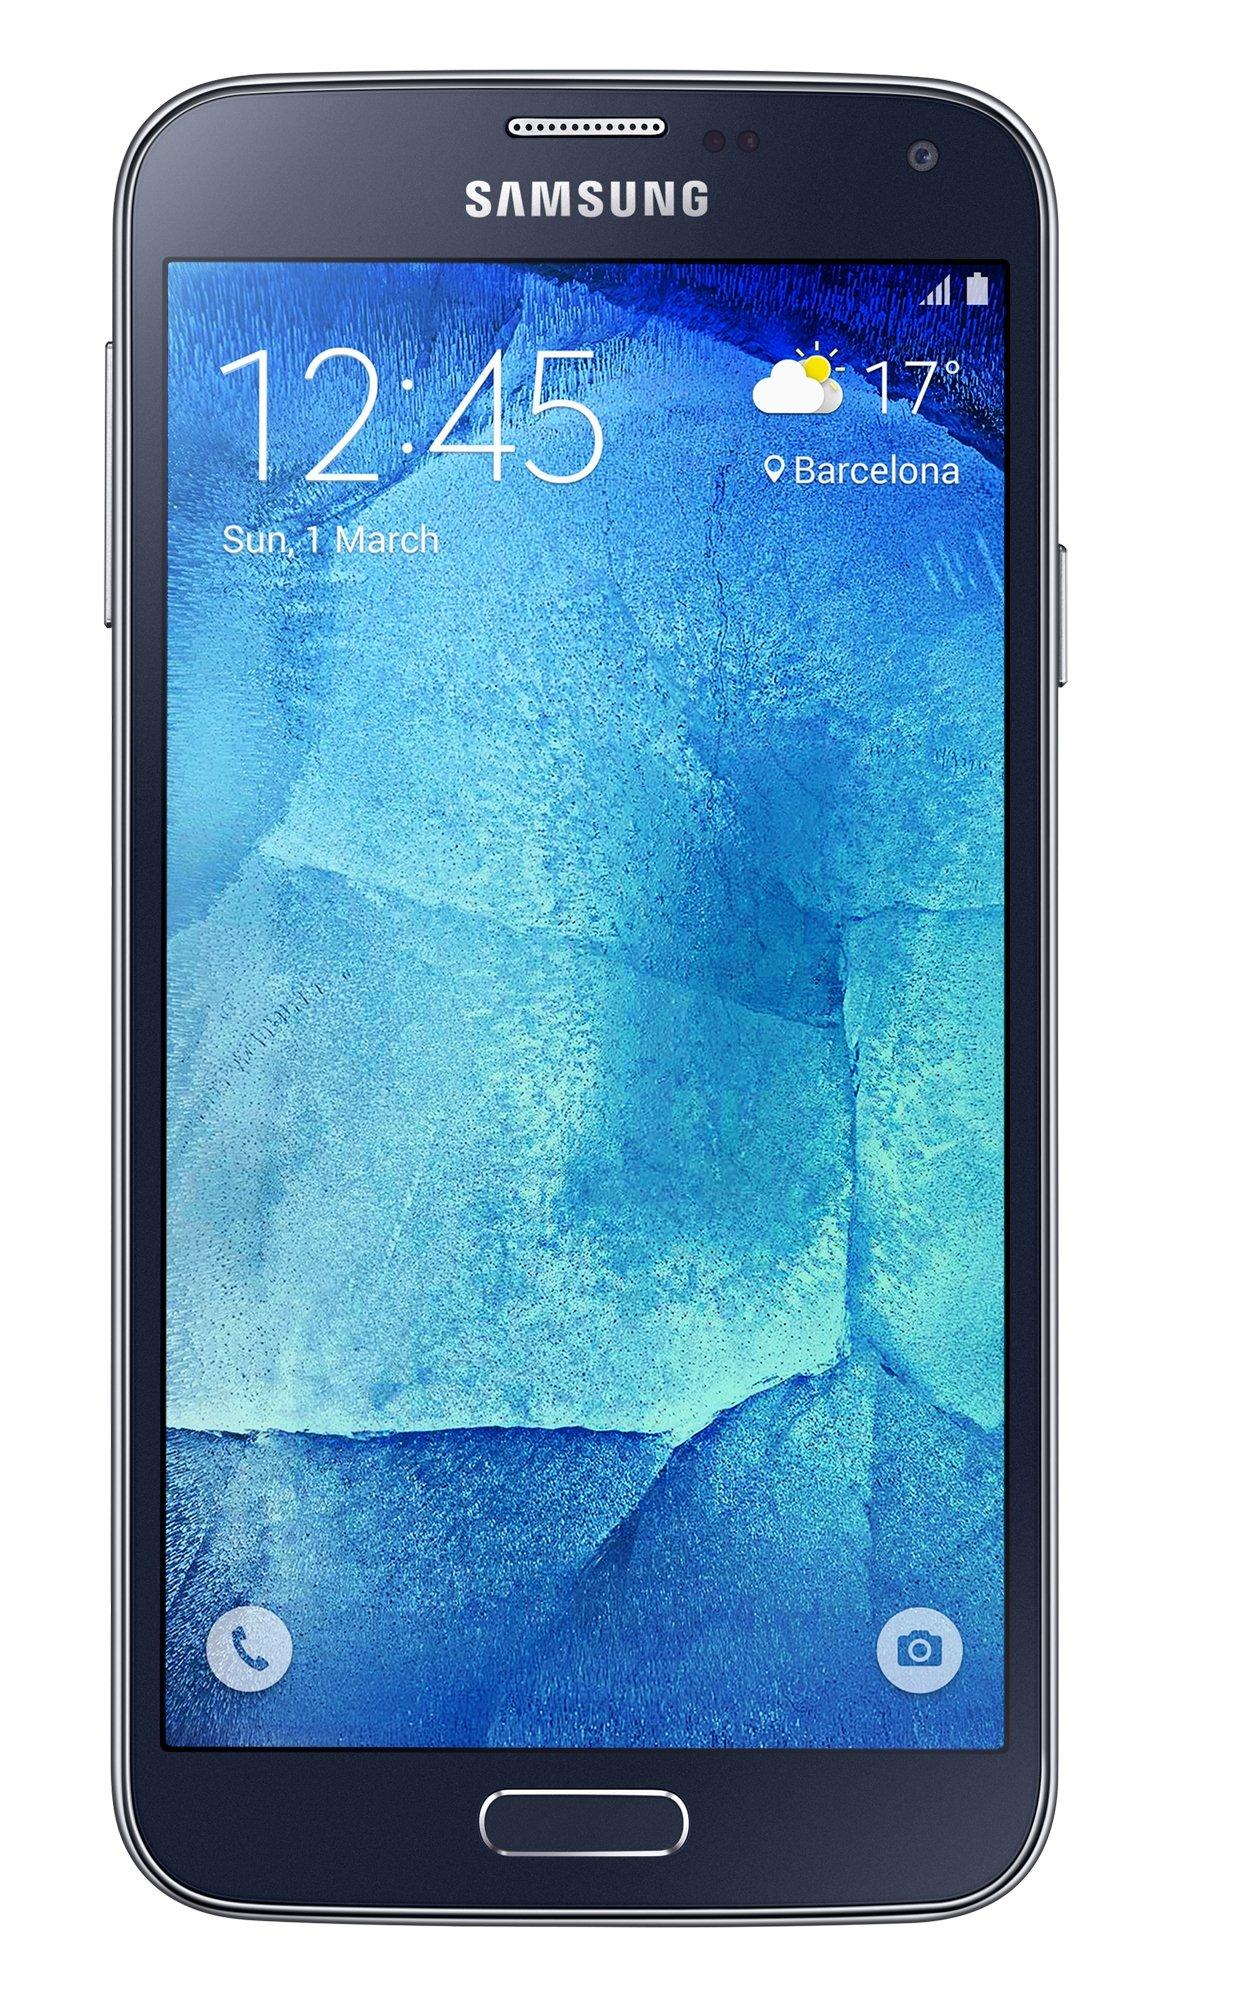 Samsung Galaxy S5 Neo - Smartphone Libre Android (Pantalla 5.1